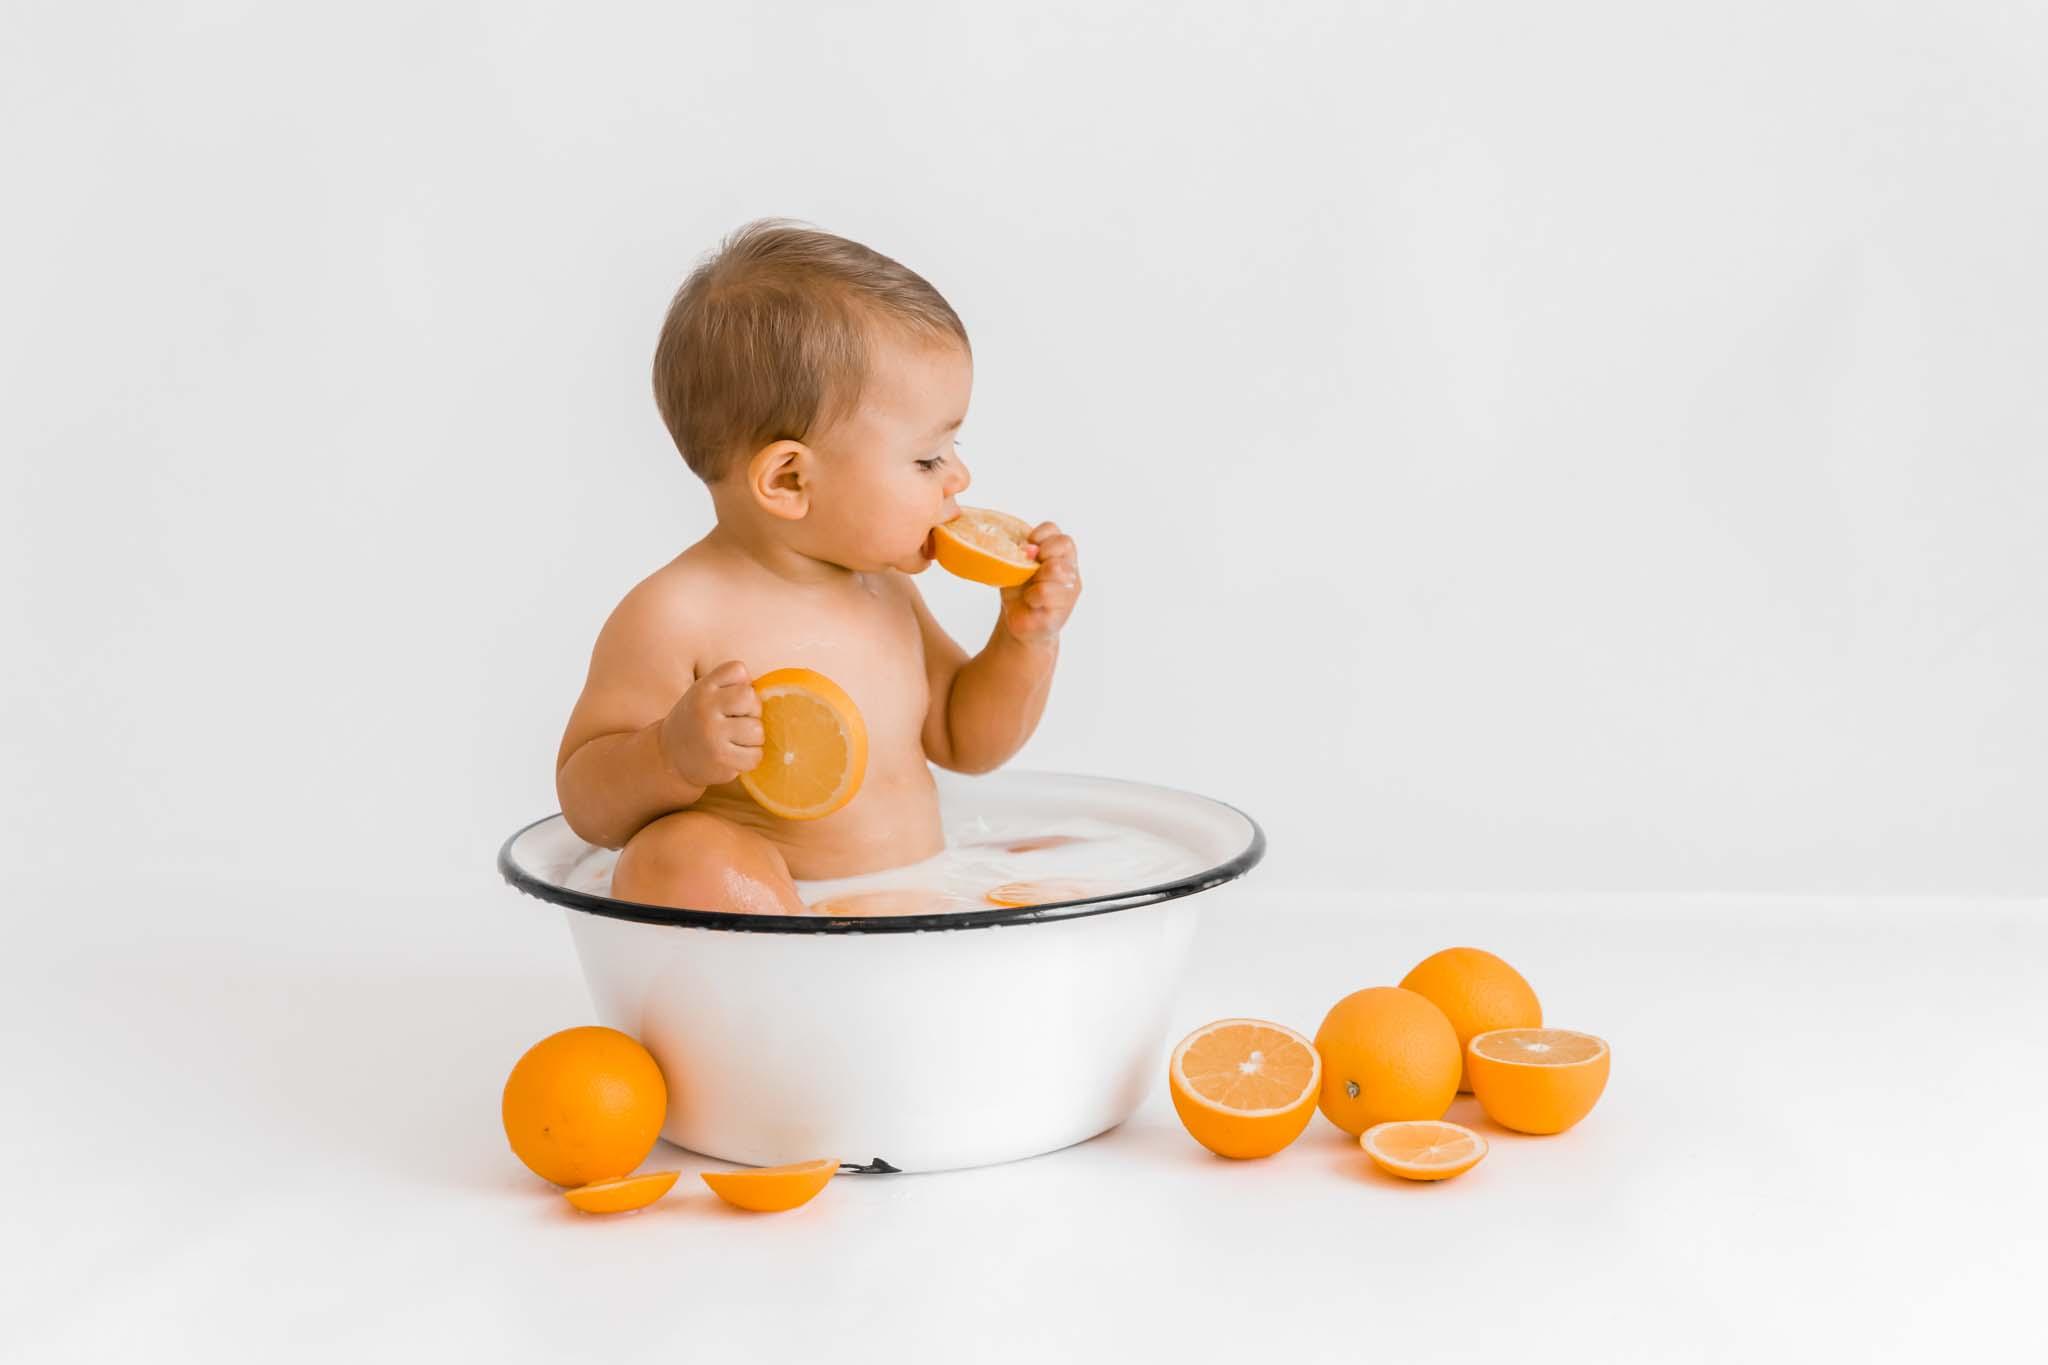 Babyfotograf München: Babyfotos im Milchbad-Shooting